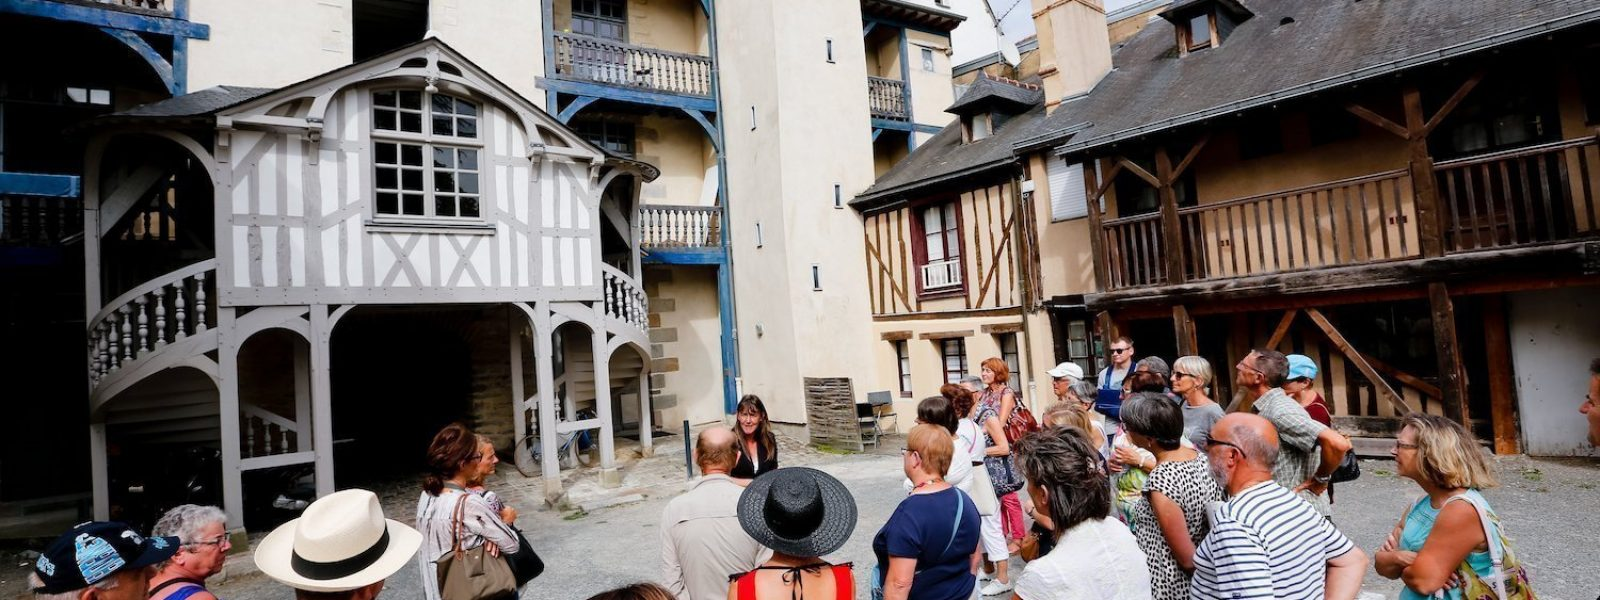 Visite guidée, les trésors cachés de Rennes